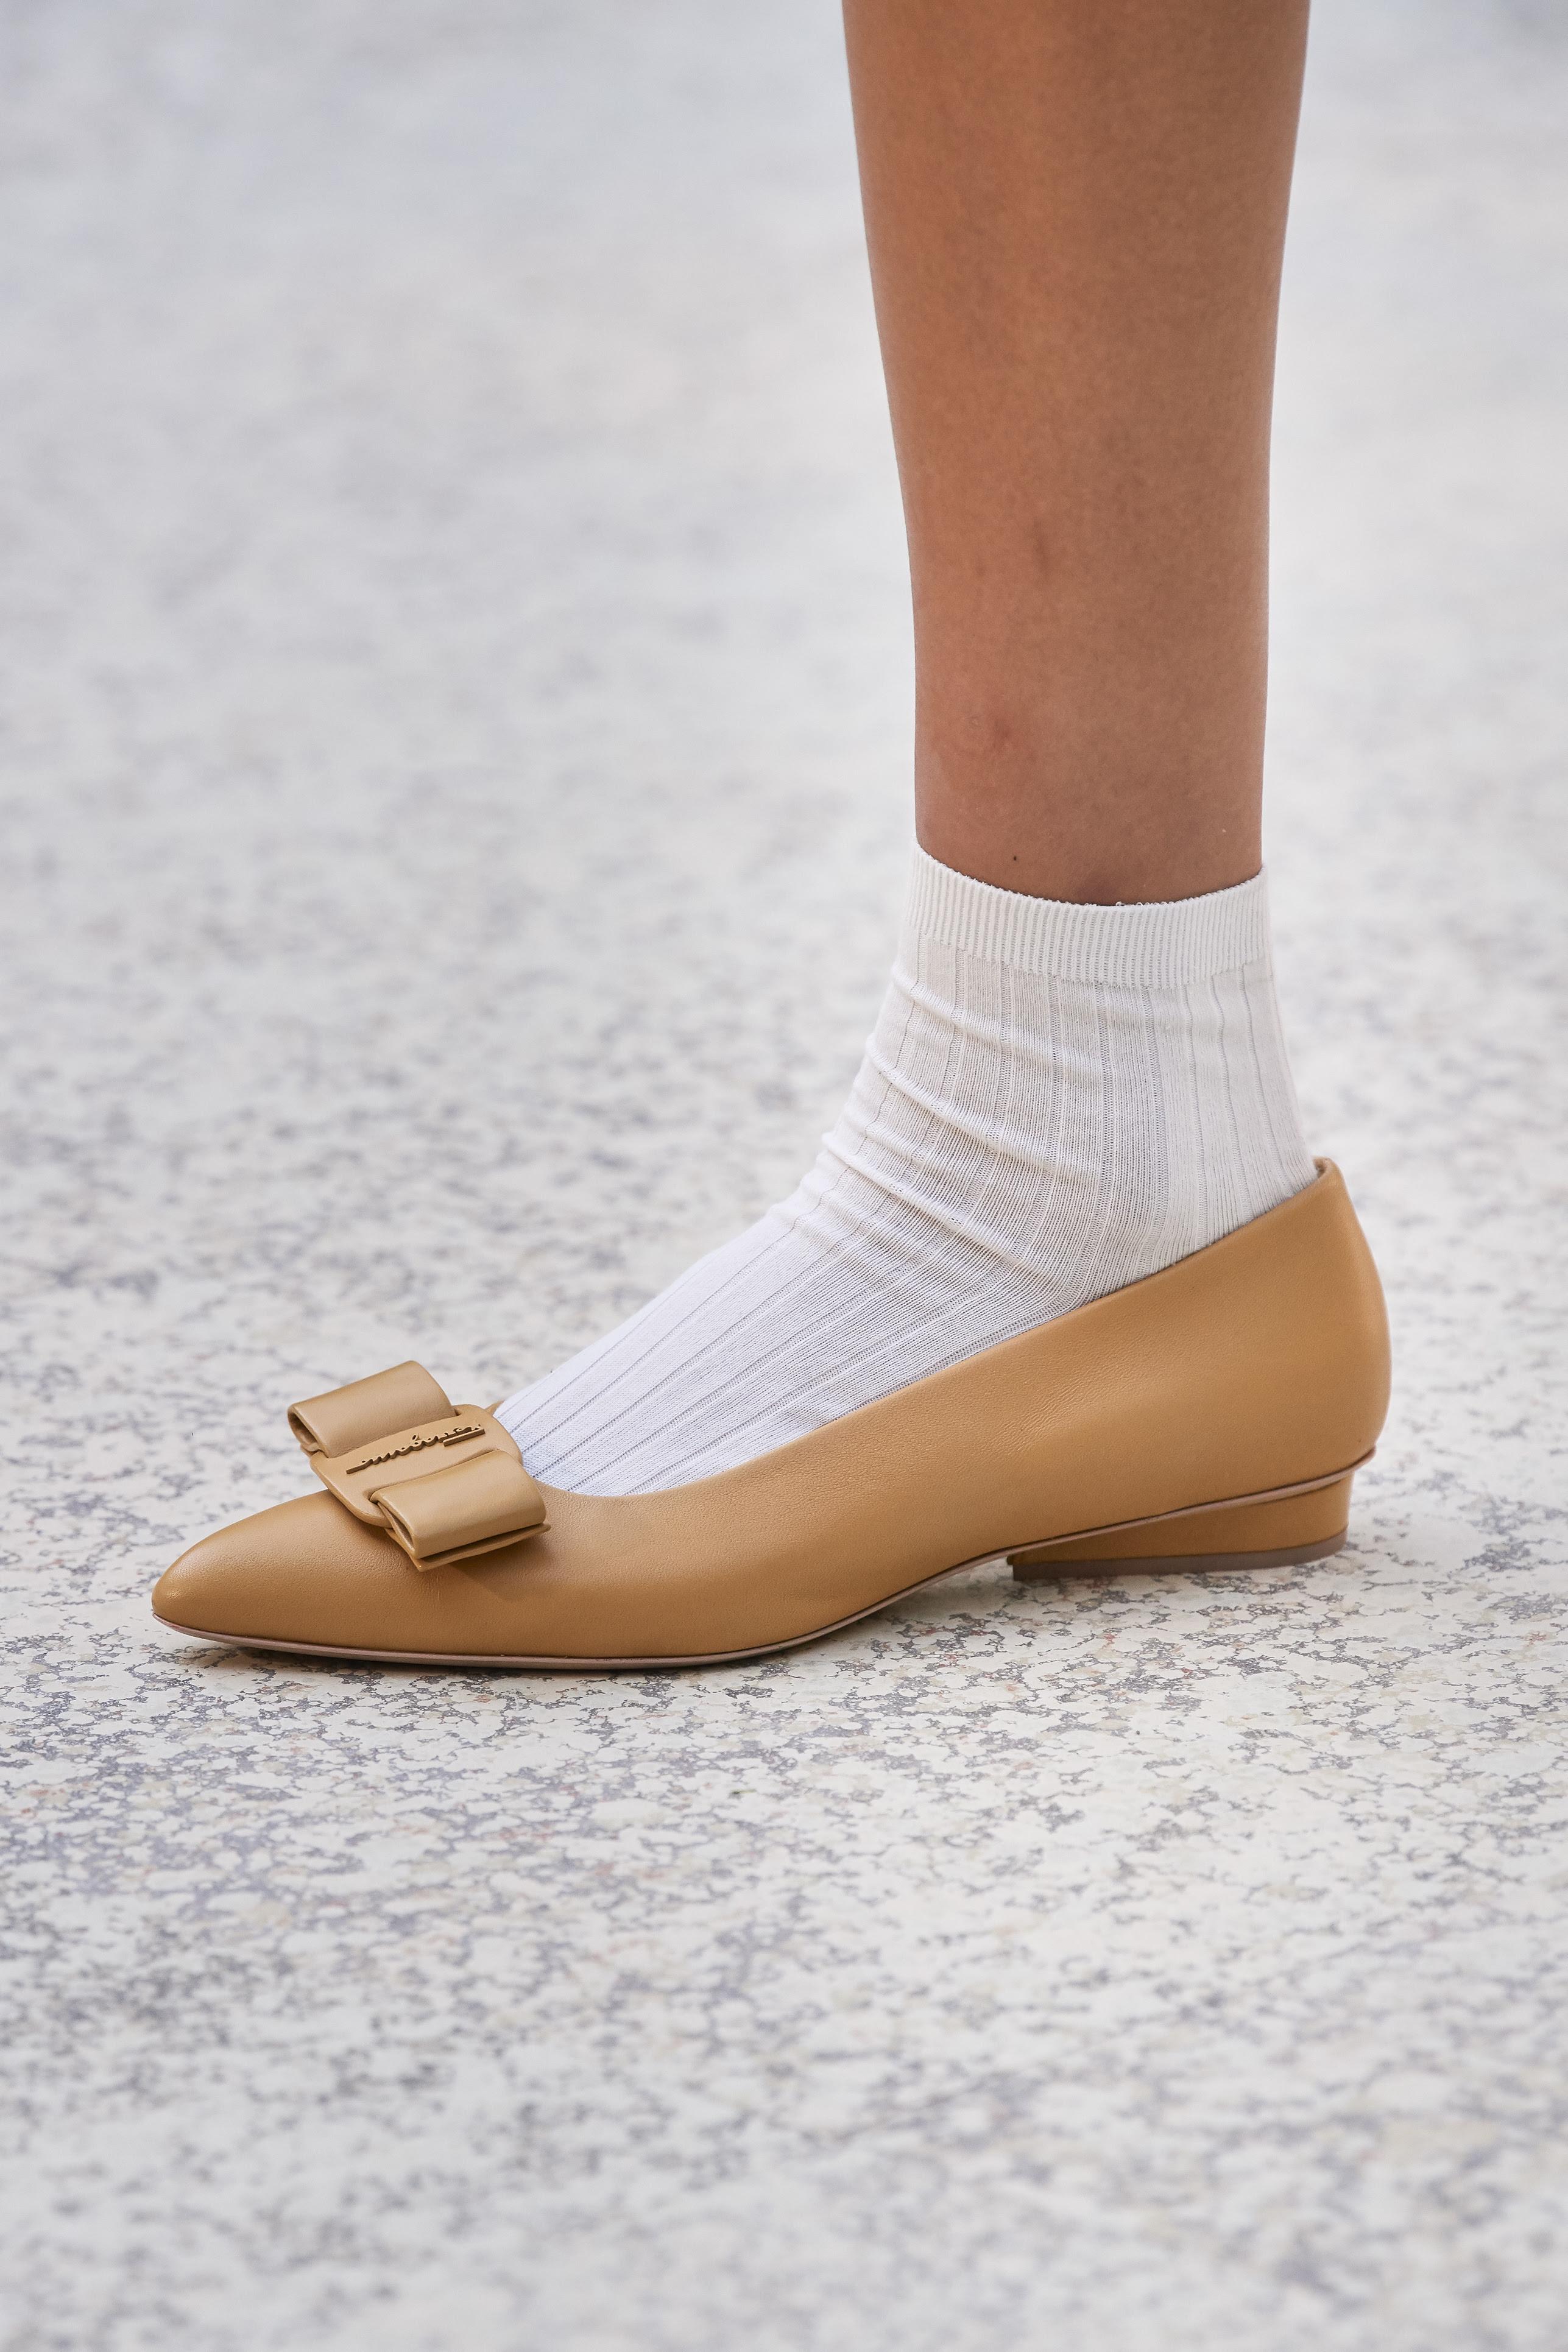 0eb45ac9 c17a 4b6d a976 3622bc2f9c15 - Salvatore Ferragamo presenta la campaña del zapato 'VIVA'